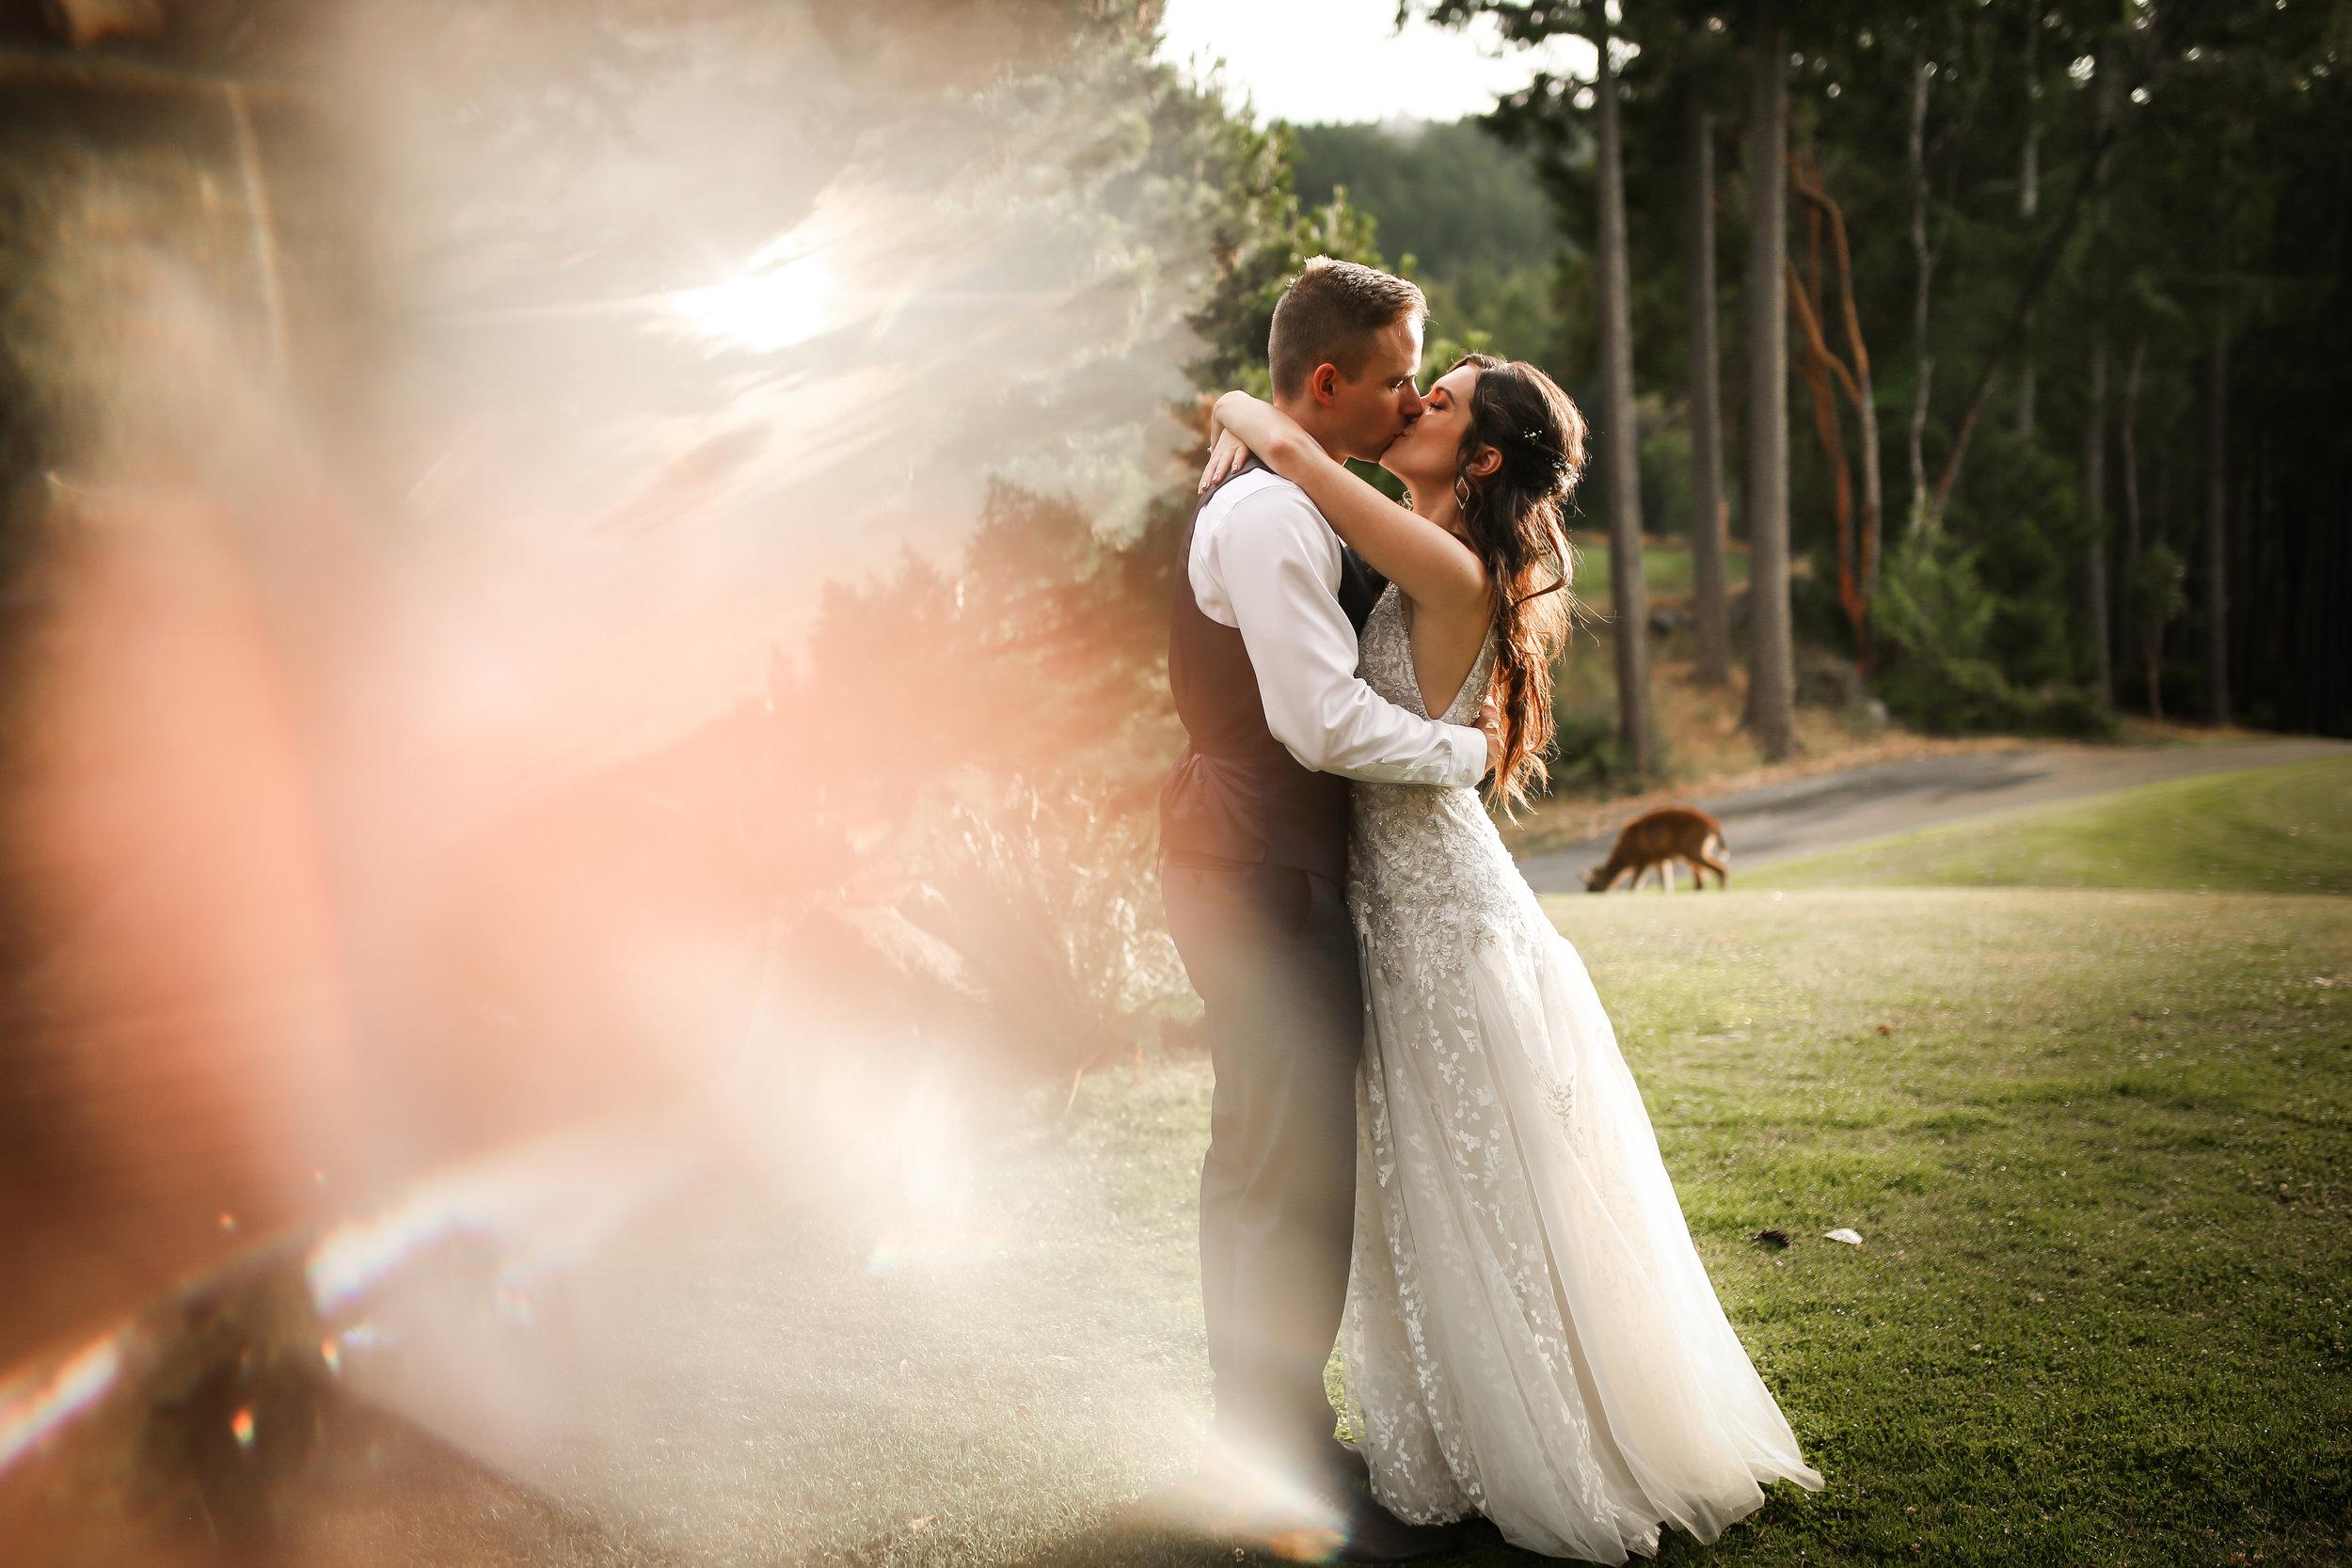 25 Adam Ziorio Photography - Allison & Austin's Wedding.jpg